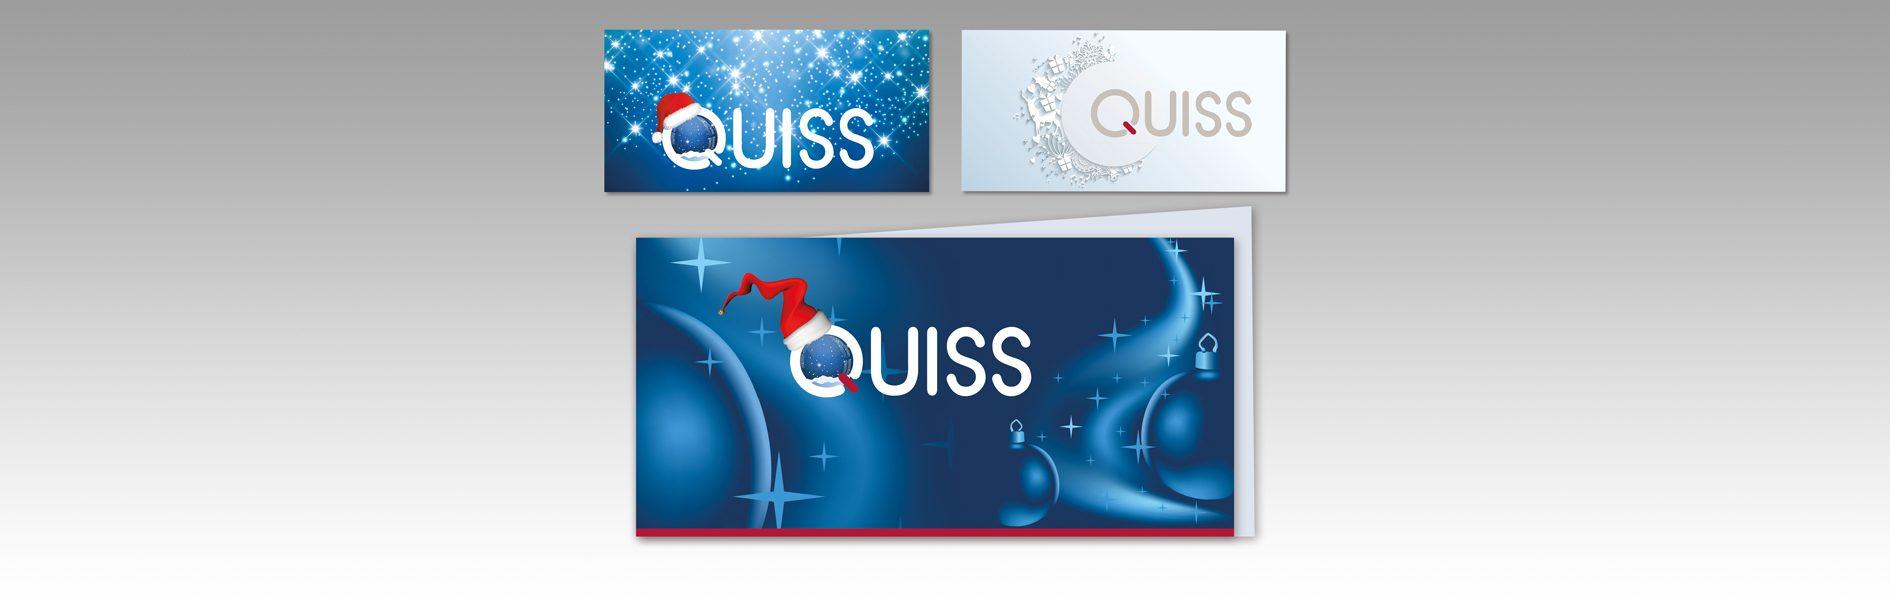 Hier sind die Weihnachtskarten von Quiss abgebildet.